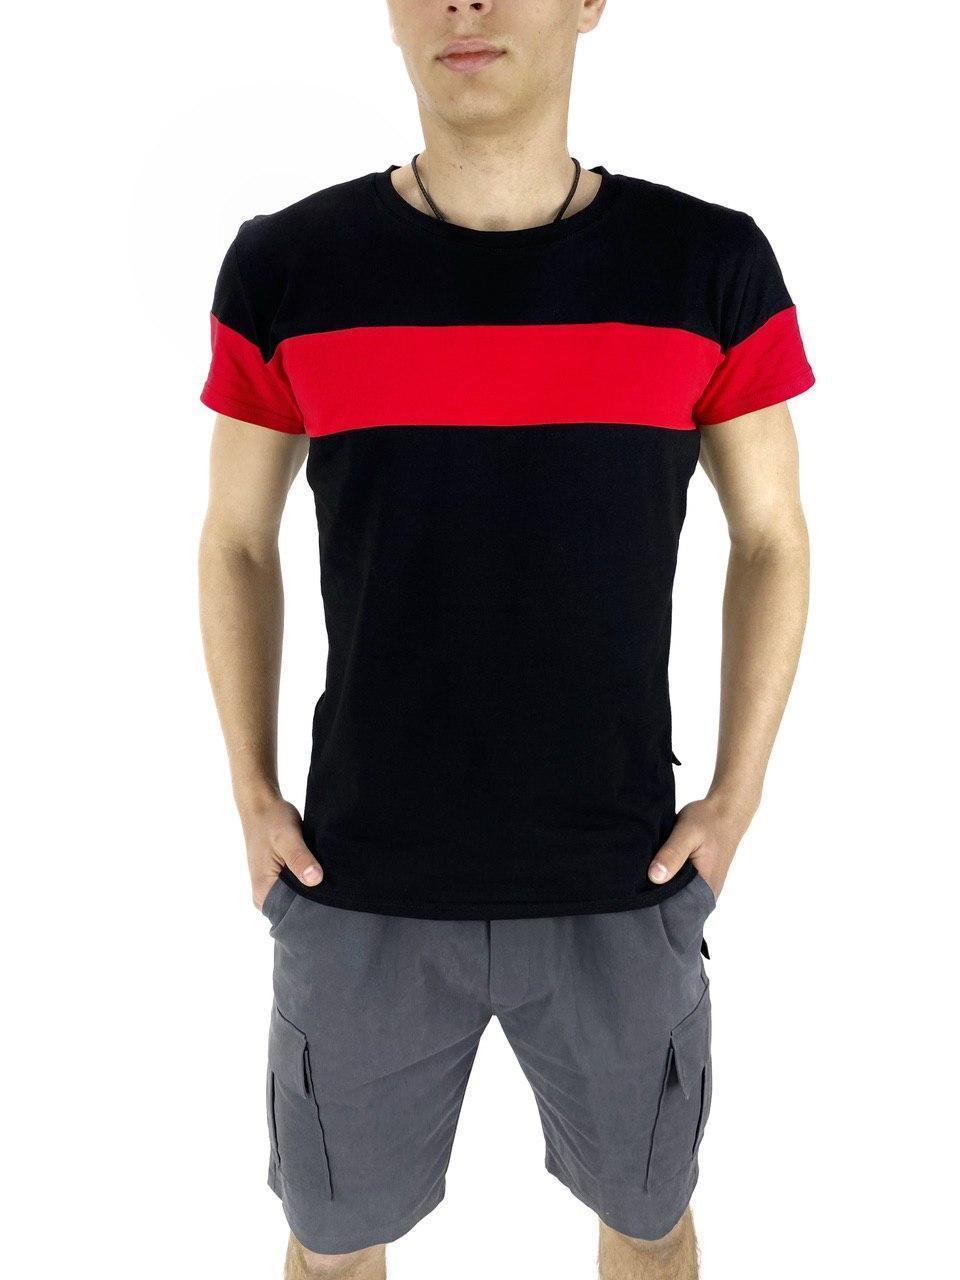 Комплект Футболка Color Stripe черная - красная и Шорты Miami серые SKL59-259617